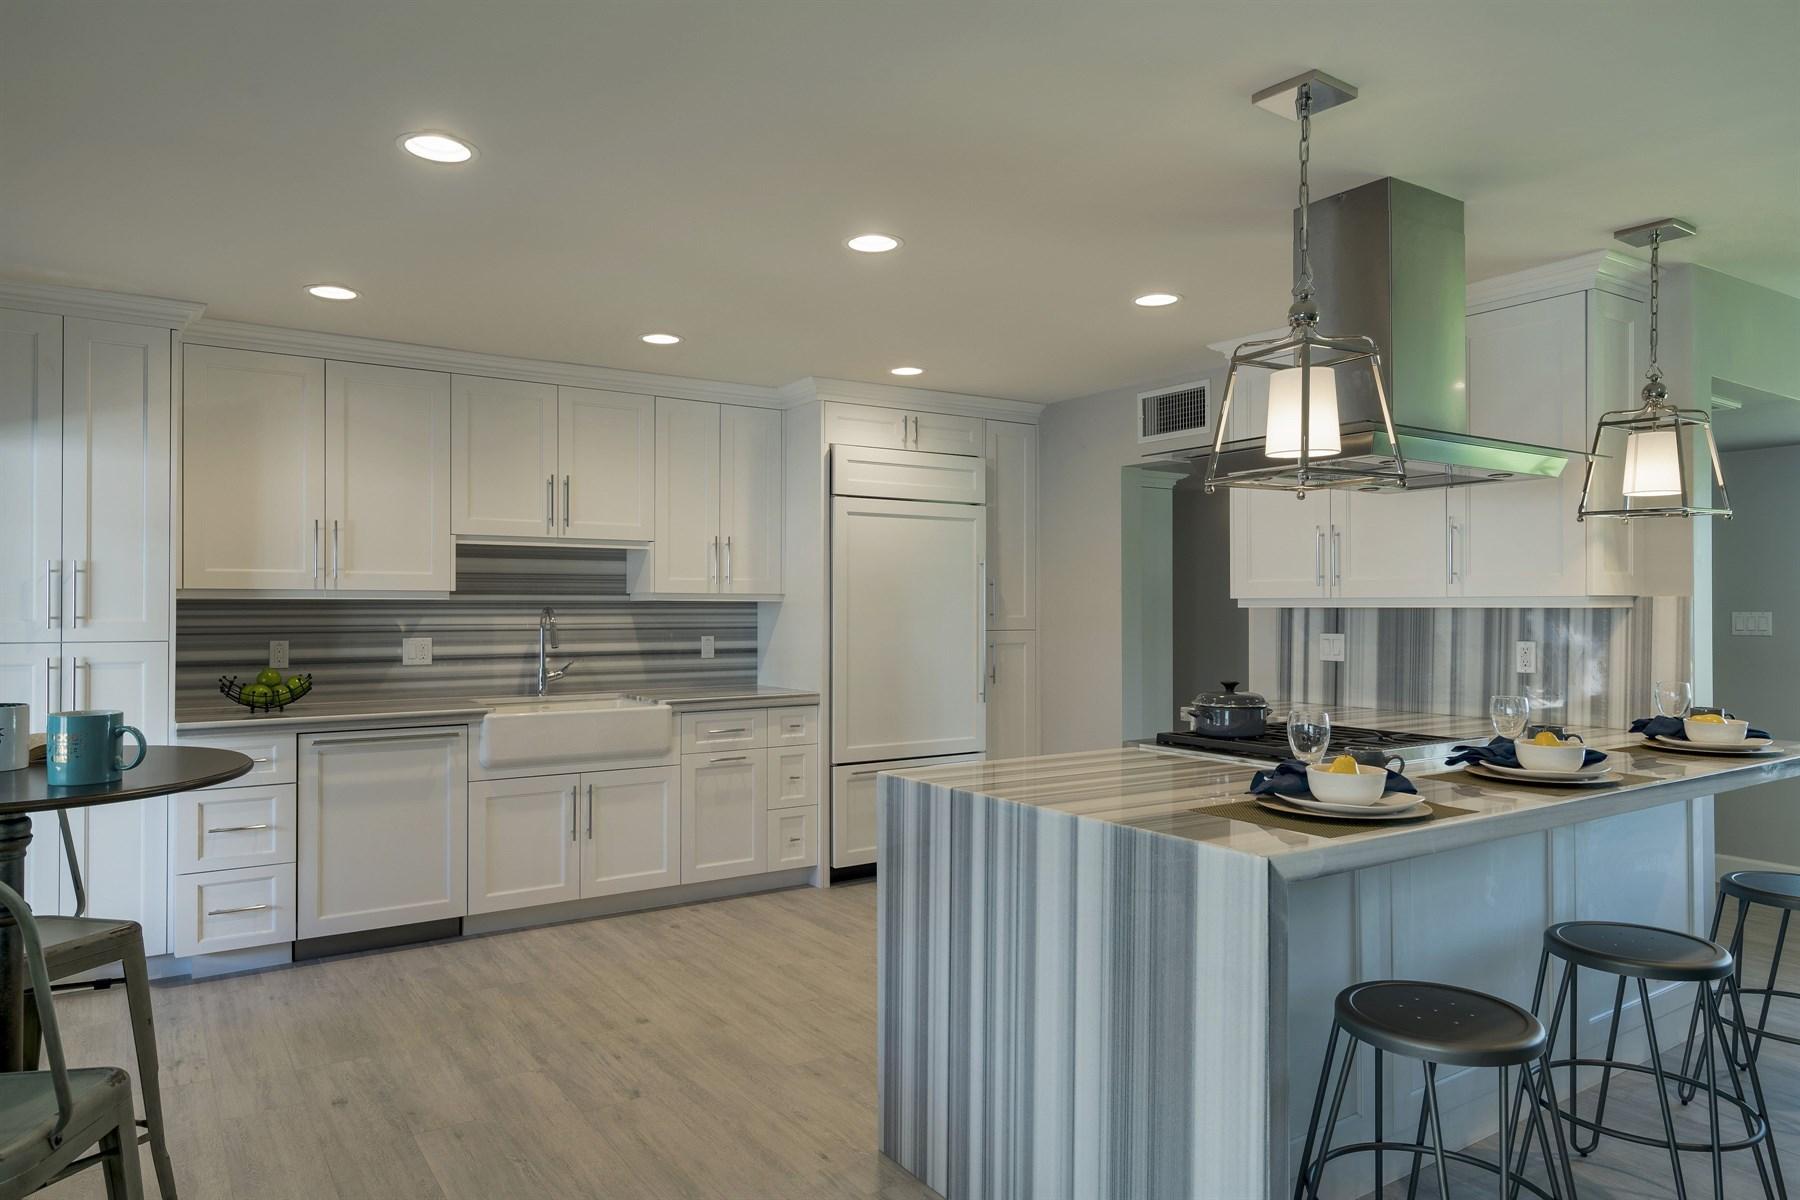 一戸建て のために 売買 アット Gorgeous single level home in the heart of Arcadia Lite 3530 E Campbell Ave Phoenix, アリゾナ, 85018 アメリカ合衆国